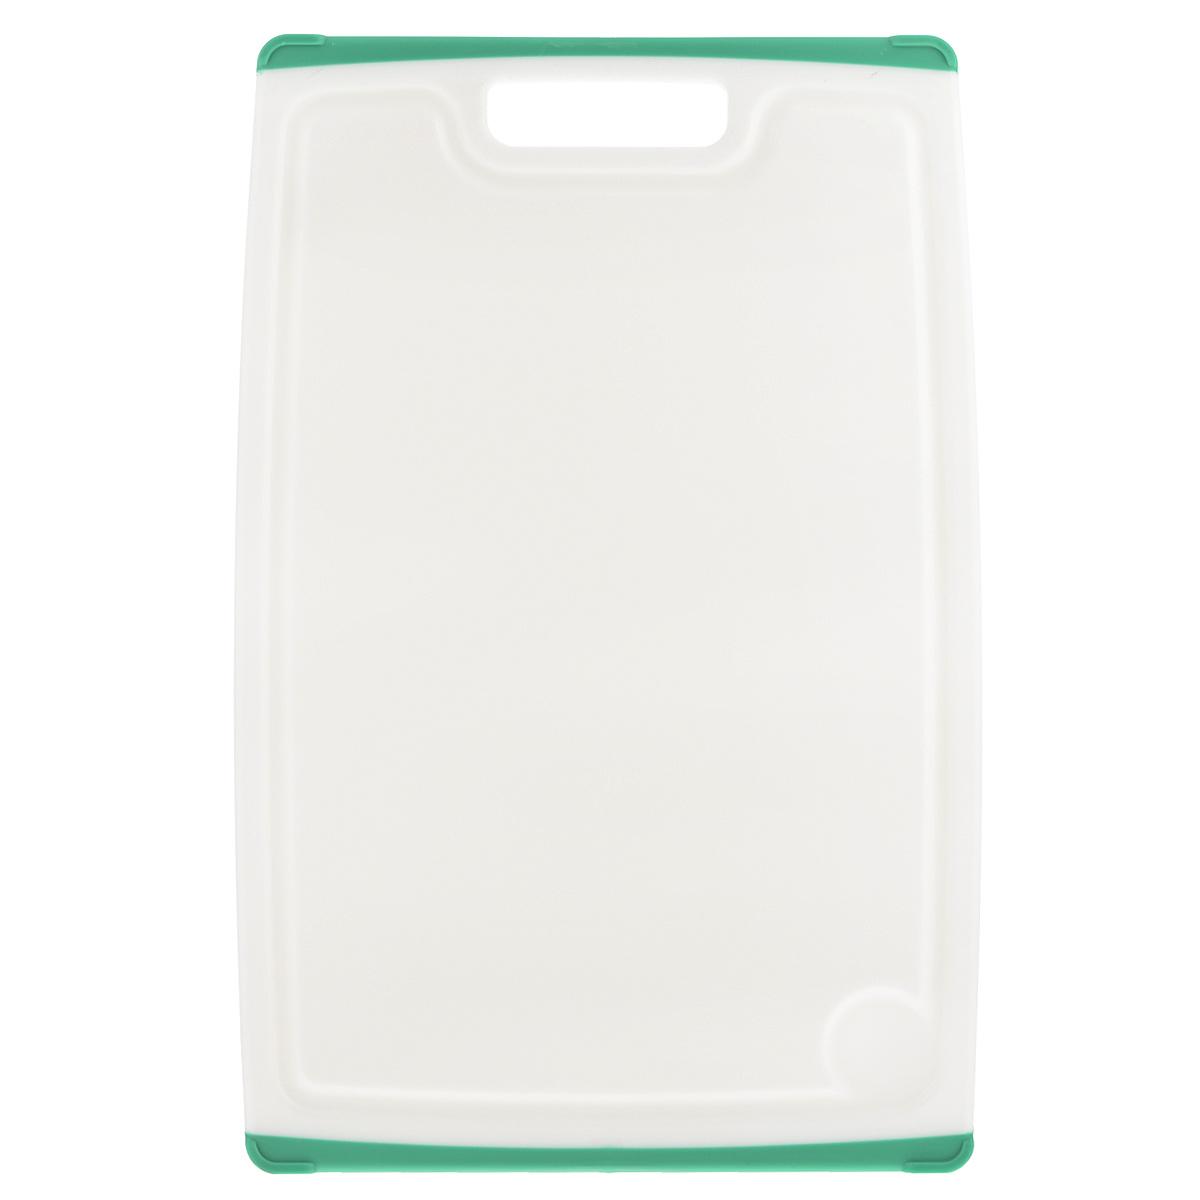 Доска разделочная Tescoma Cosmo, цвет: зеленый, 40 х 26 см379216Разделочная доска Tescoma Cosmo, изготовленная из высококачественного прочного пластика, станет незаменимым атрибутом приготовления пищи. Она идеально подходит для разделки мяса, рыбы, приготовления теста и нарезки любых продуктов. А особый дизайн краев с желобком способствует задерживанию жидкостей и остатков продуктов. Изделие оснащено прорезиненными цветными вставками с двух сторон для предотвращения скольжения по столу. Доска предназначена для ежедневного интенсивного использования. Не затупляет лезвия. Современный стильный дизайн и функциональность разделочной доски Tescoma Cosmo, позволит занять ей достойное место на вашей кухне. Можно мыть в посудомоечной машине.